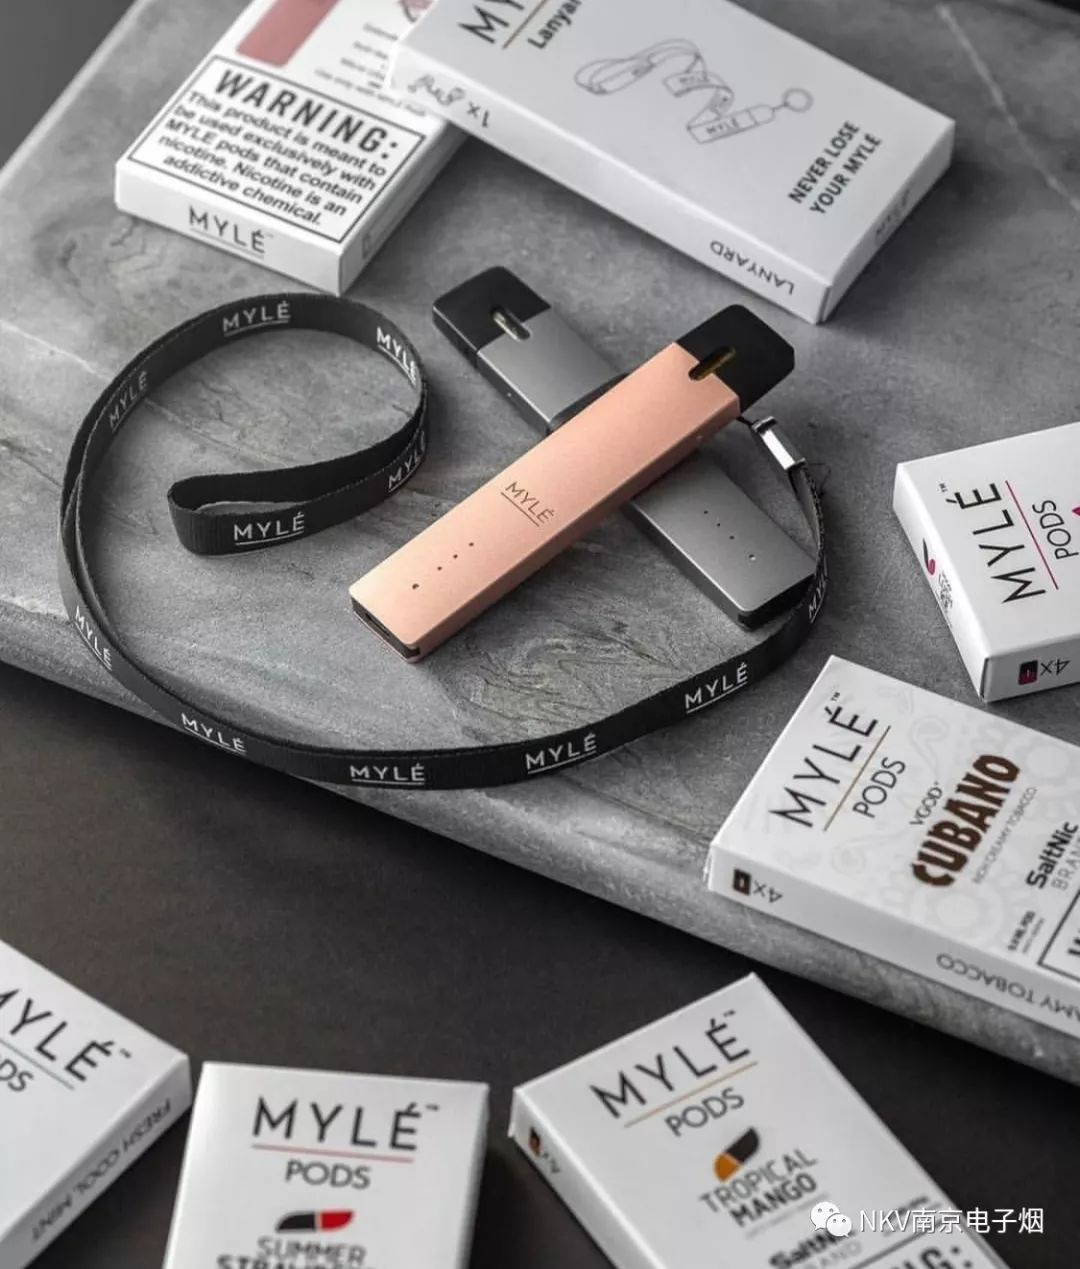 MYLE 来自美国的电子烟品牌 如口香糖一样方便